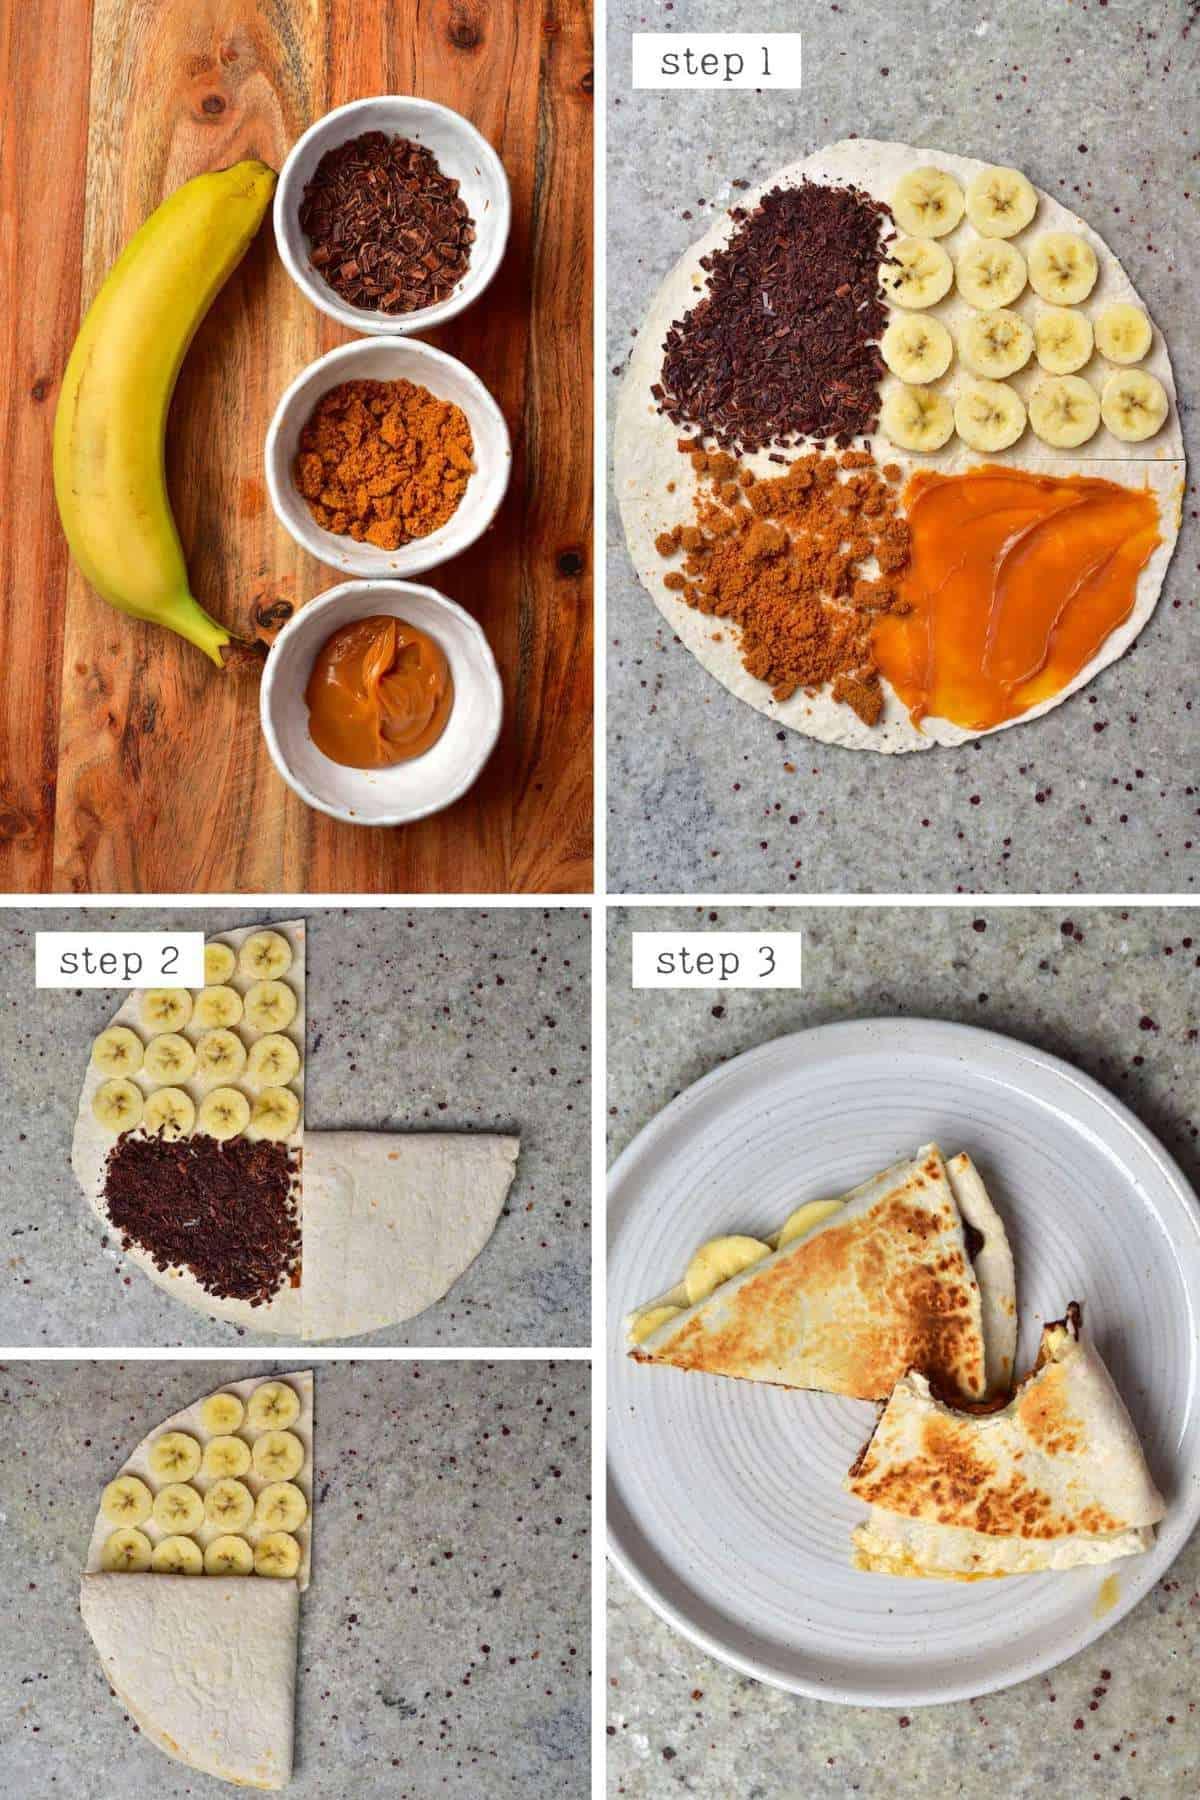 Steps for making a dulce de leche tortilla - Argentina tortilla